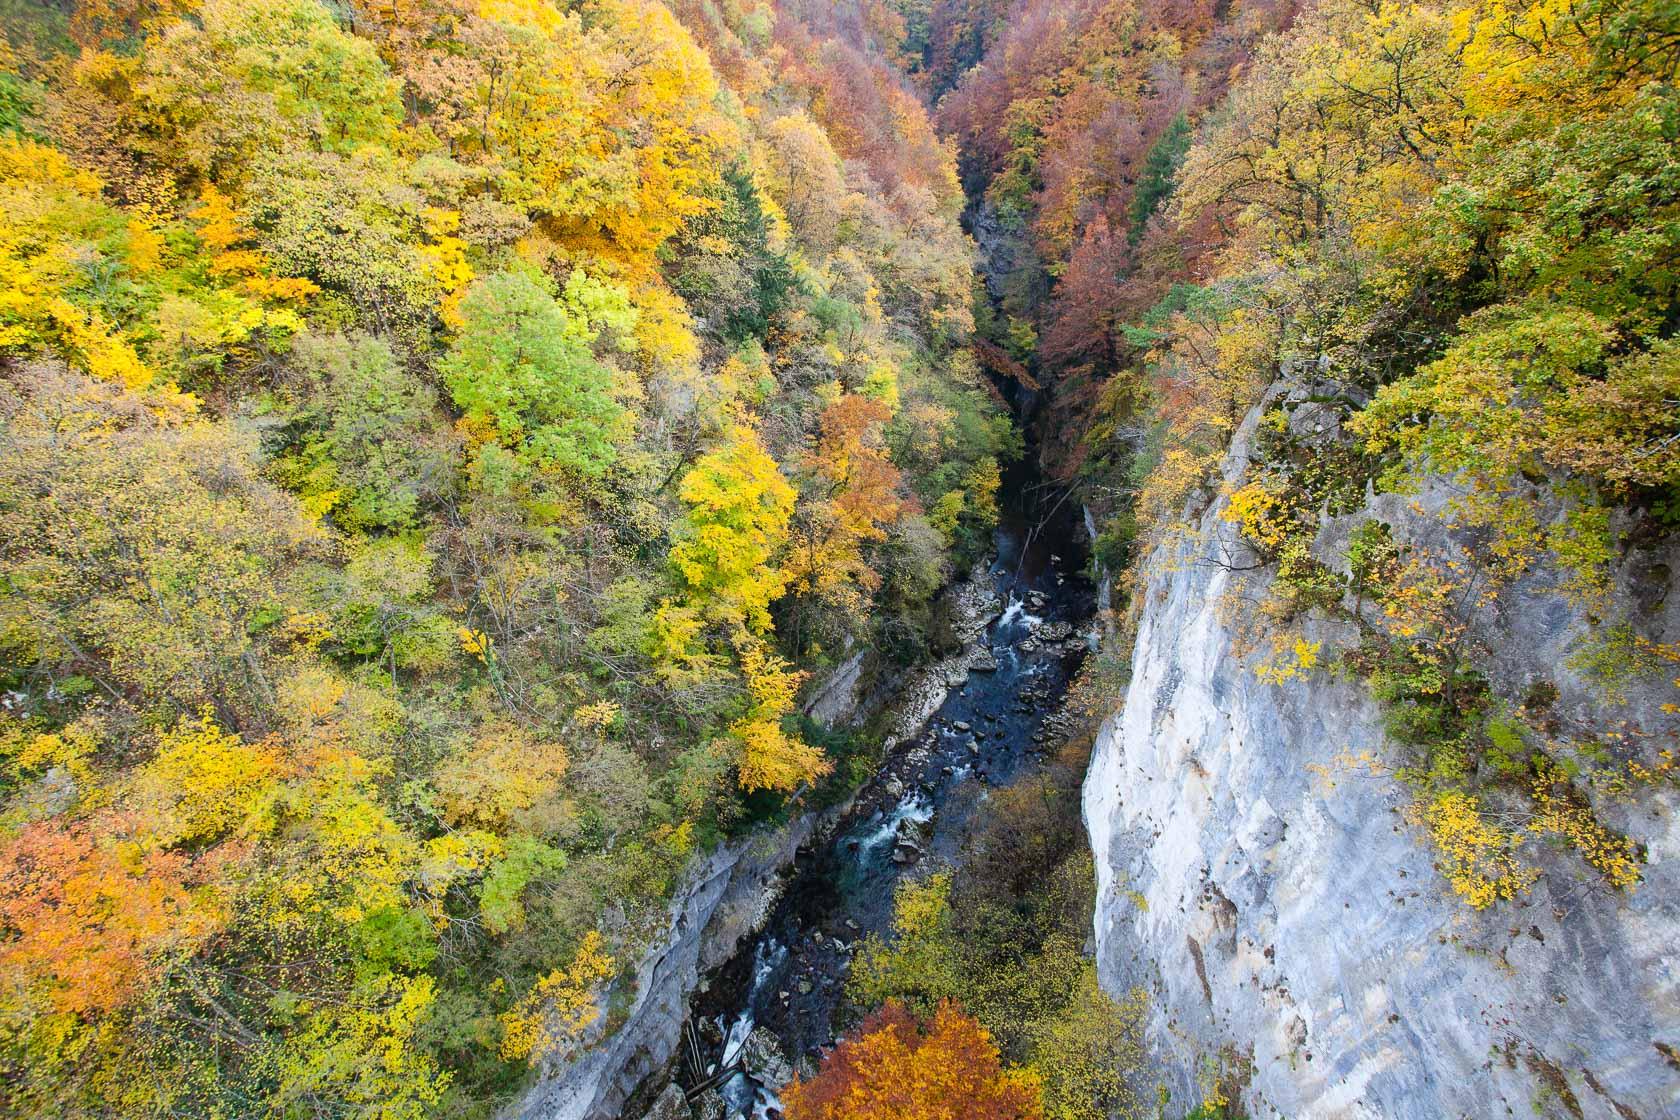 Les gorges du Charan au pont de l'abîme, Géoparc du massif des Bauges